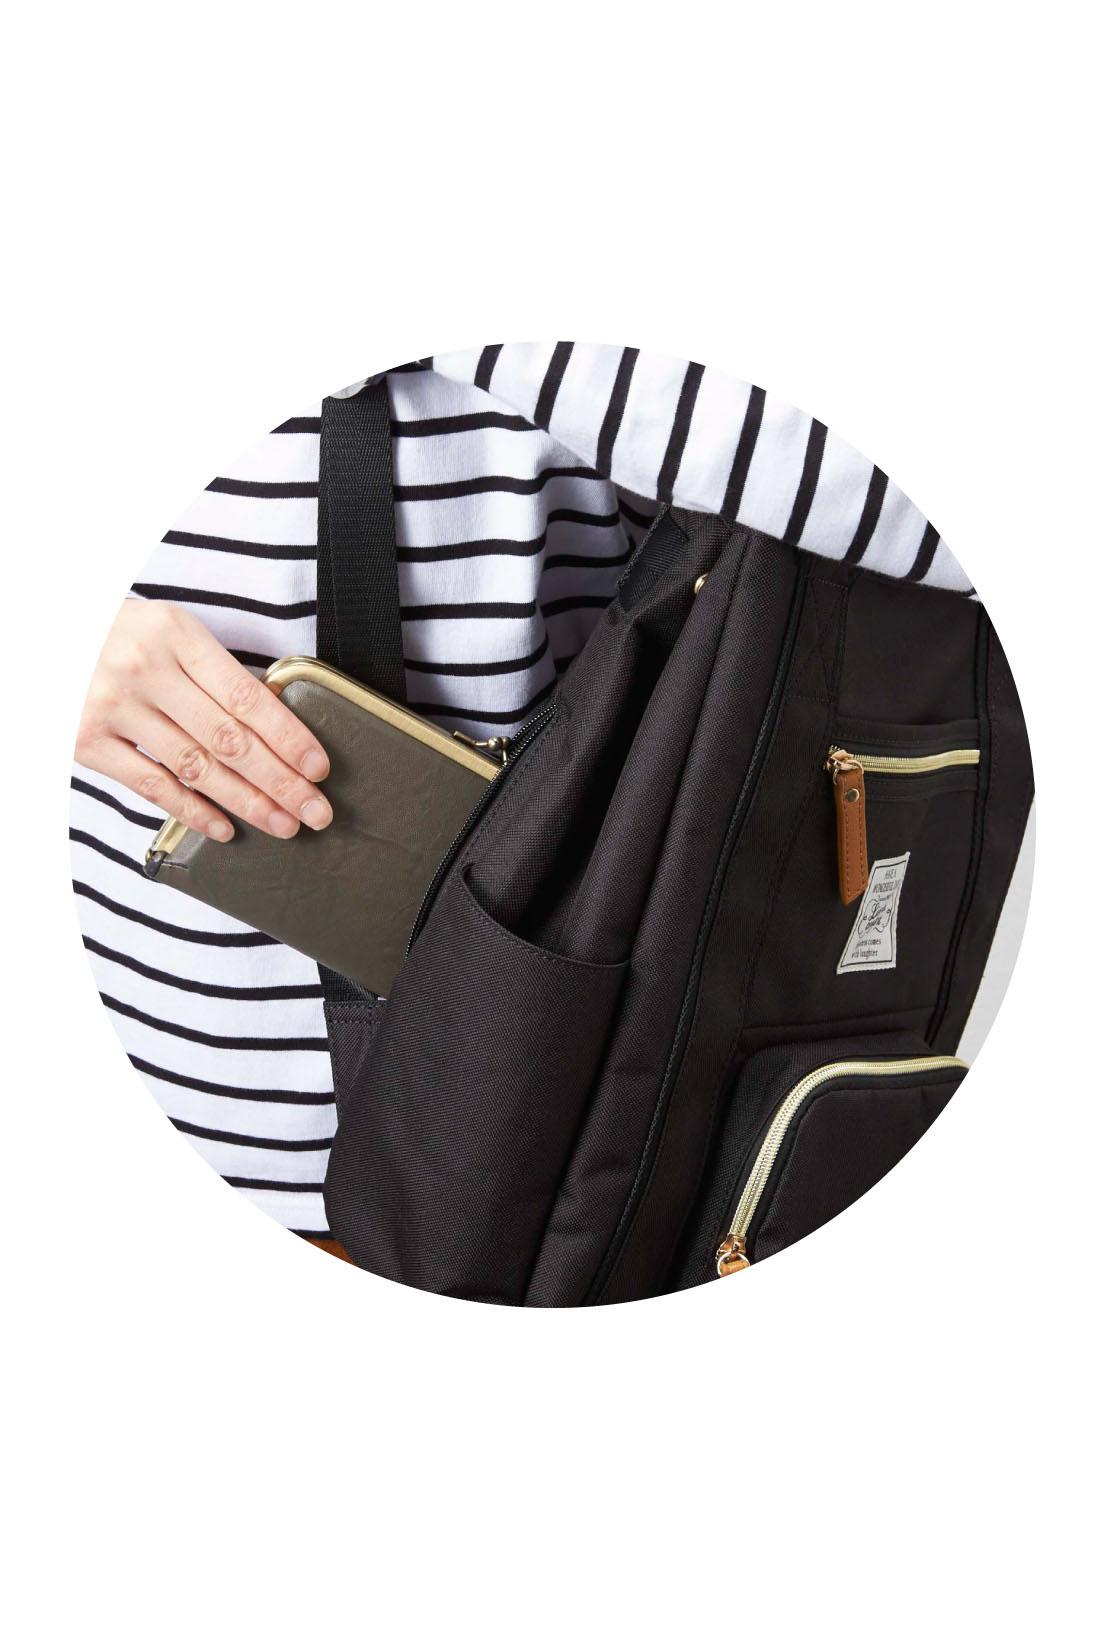 背負ったままサッと開け閉めできるサイドファスナーで、荷物の取り出しがらくちん!